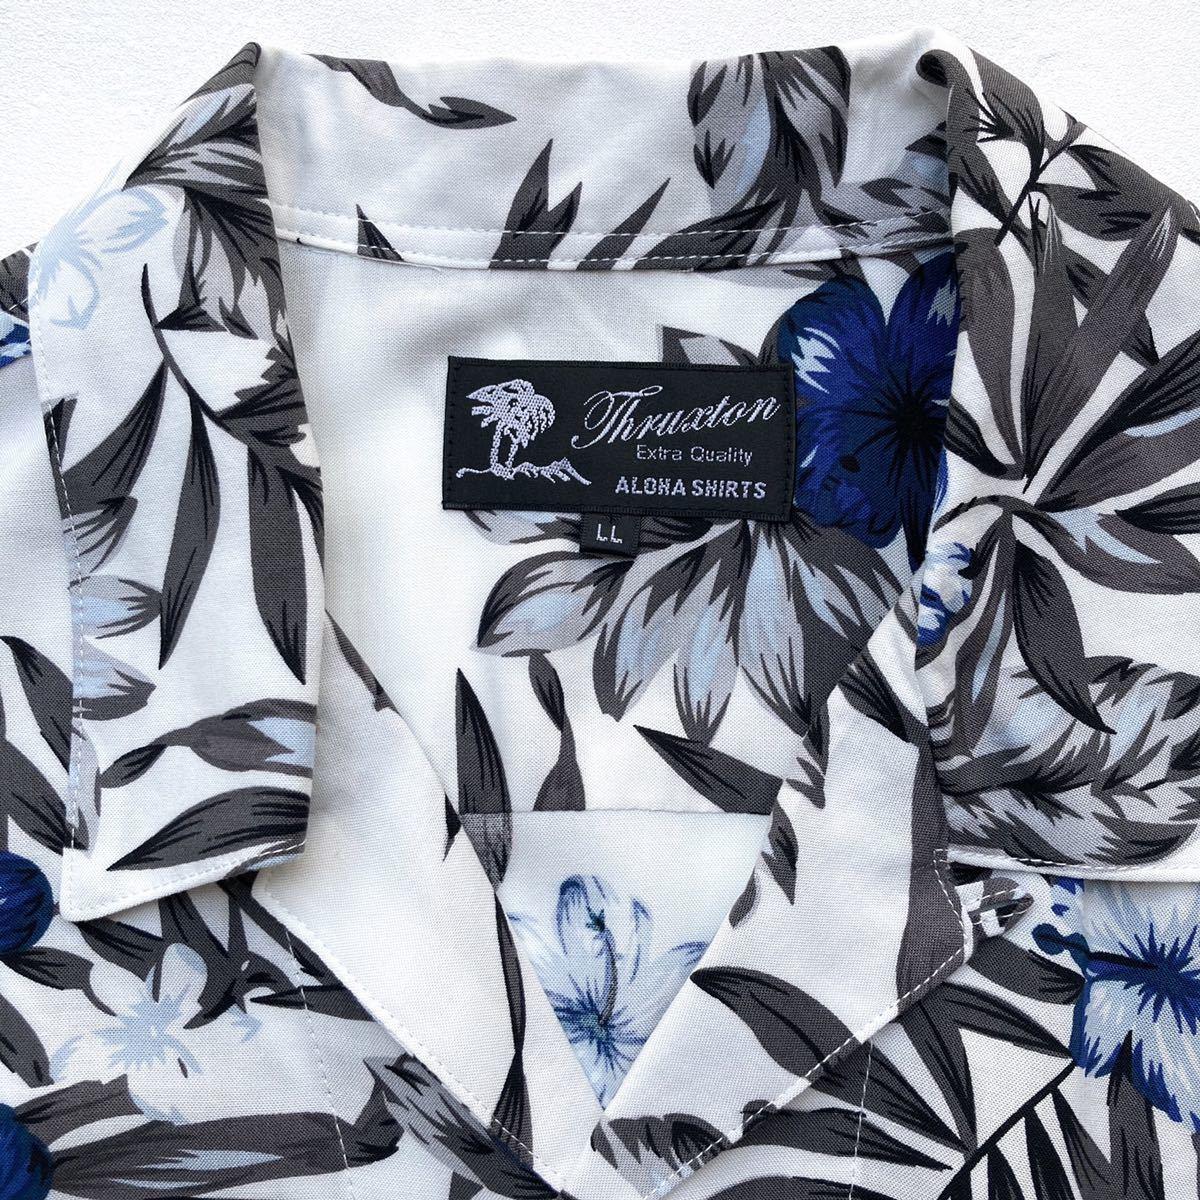 アロハシャツ 90s ビンテージ ハイビスカス リーフ XL ホワイト レーヨン100% 開襟 80s ヴィンテージ ハワイ 総柄 オープンカラーシャツ